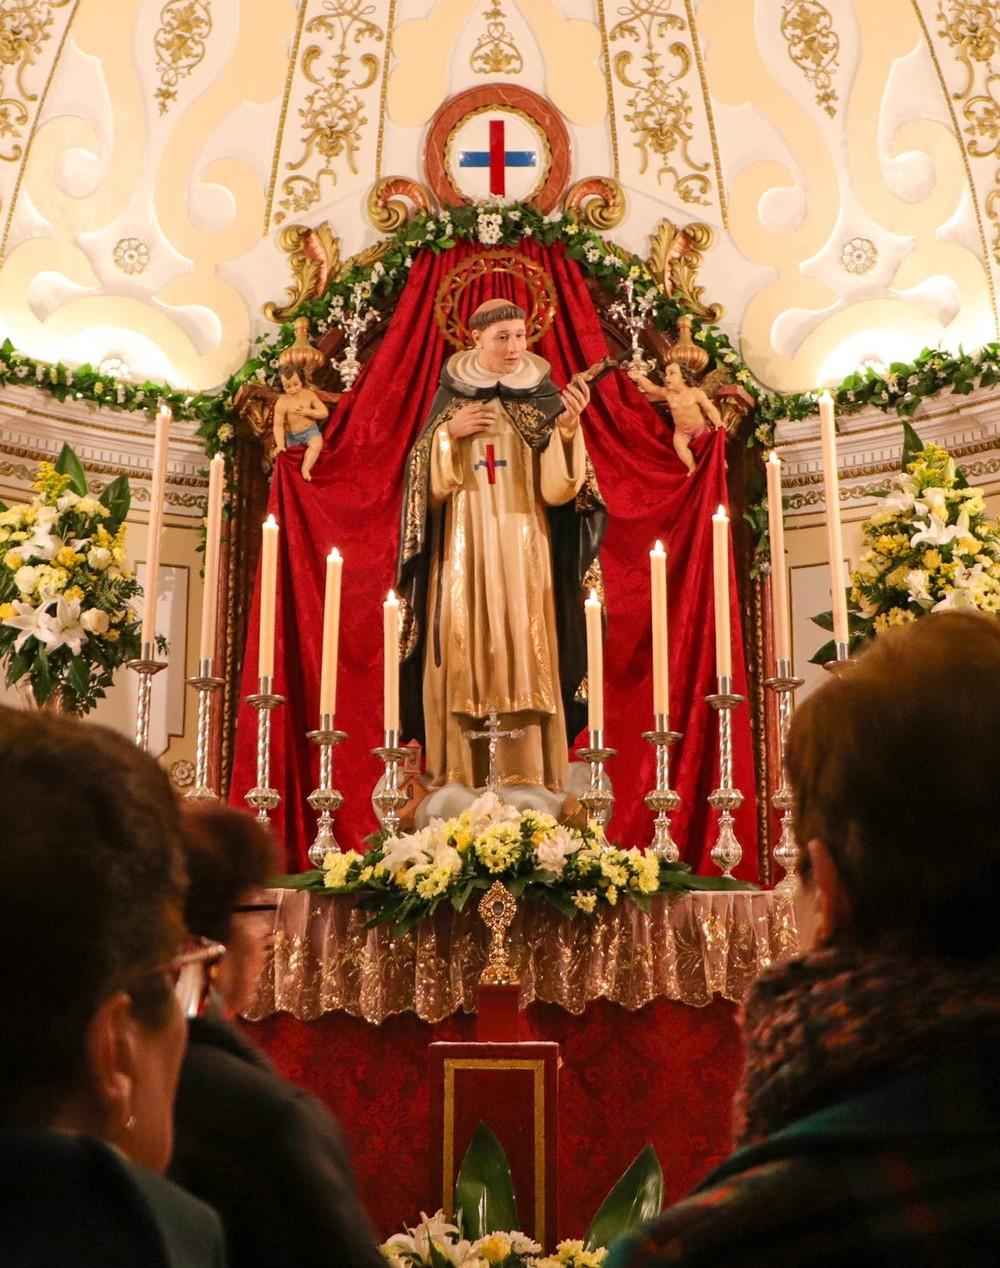 Nueva vidriera por San Juan Bautista en Almódovar